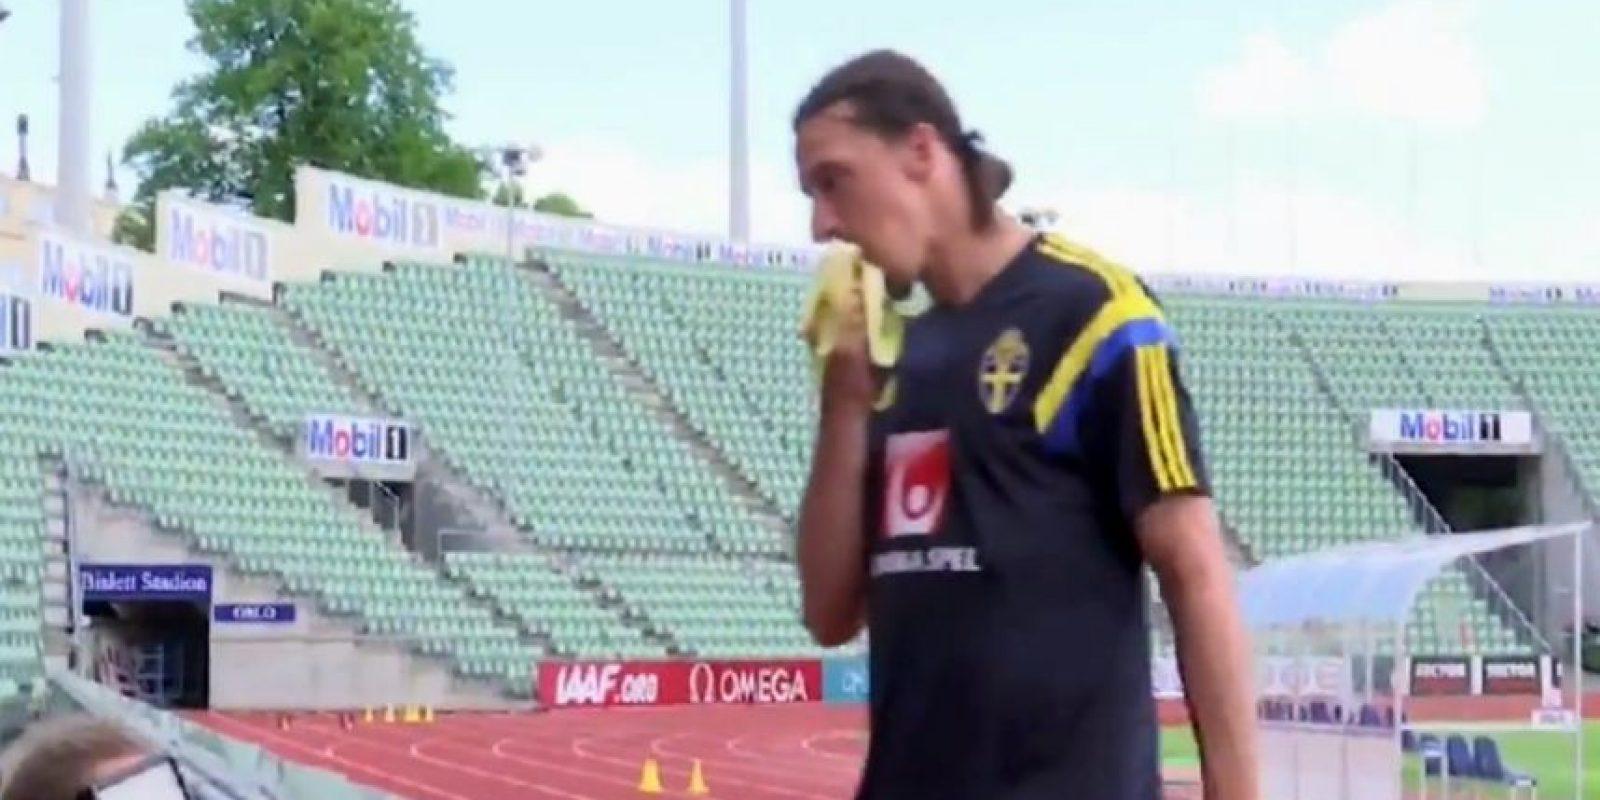 Haga lo que haga, Zlatan Ibrahimovic siempre será motivo de polémica y aquí recordamos algunos de sus escándalos más sonados. Foto:Vía YouTube